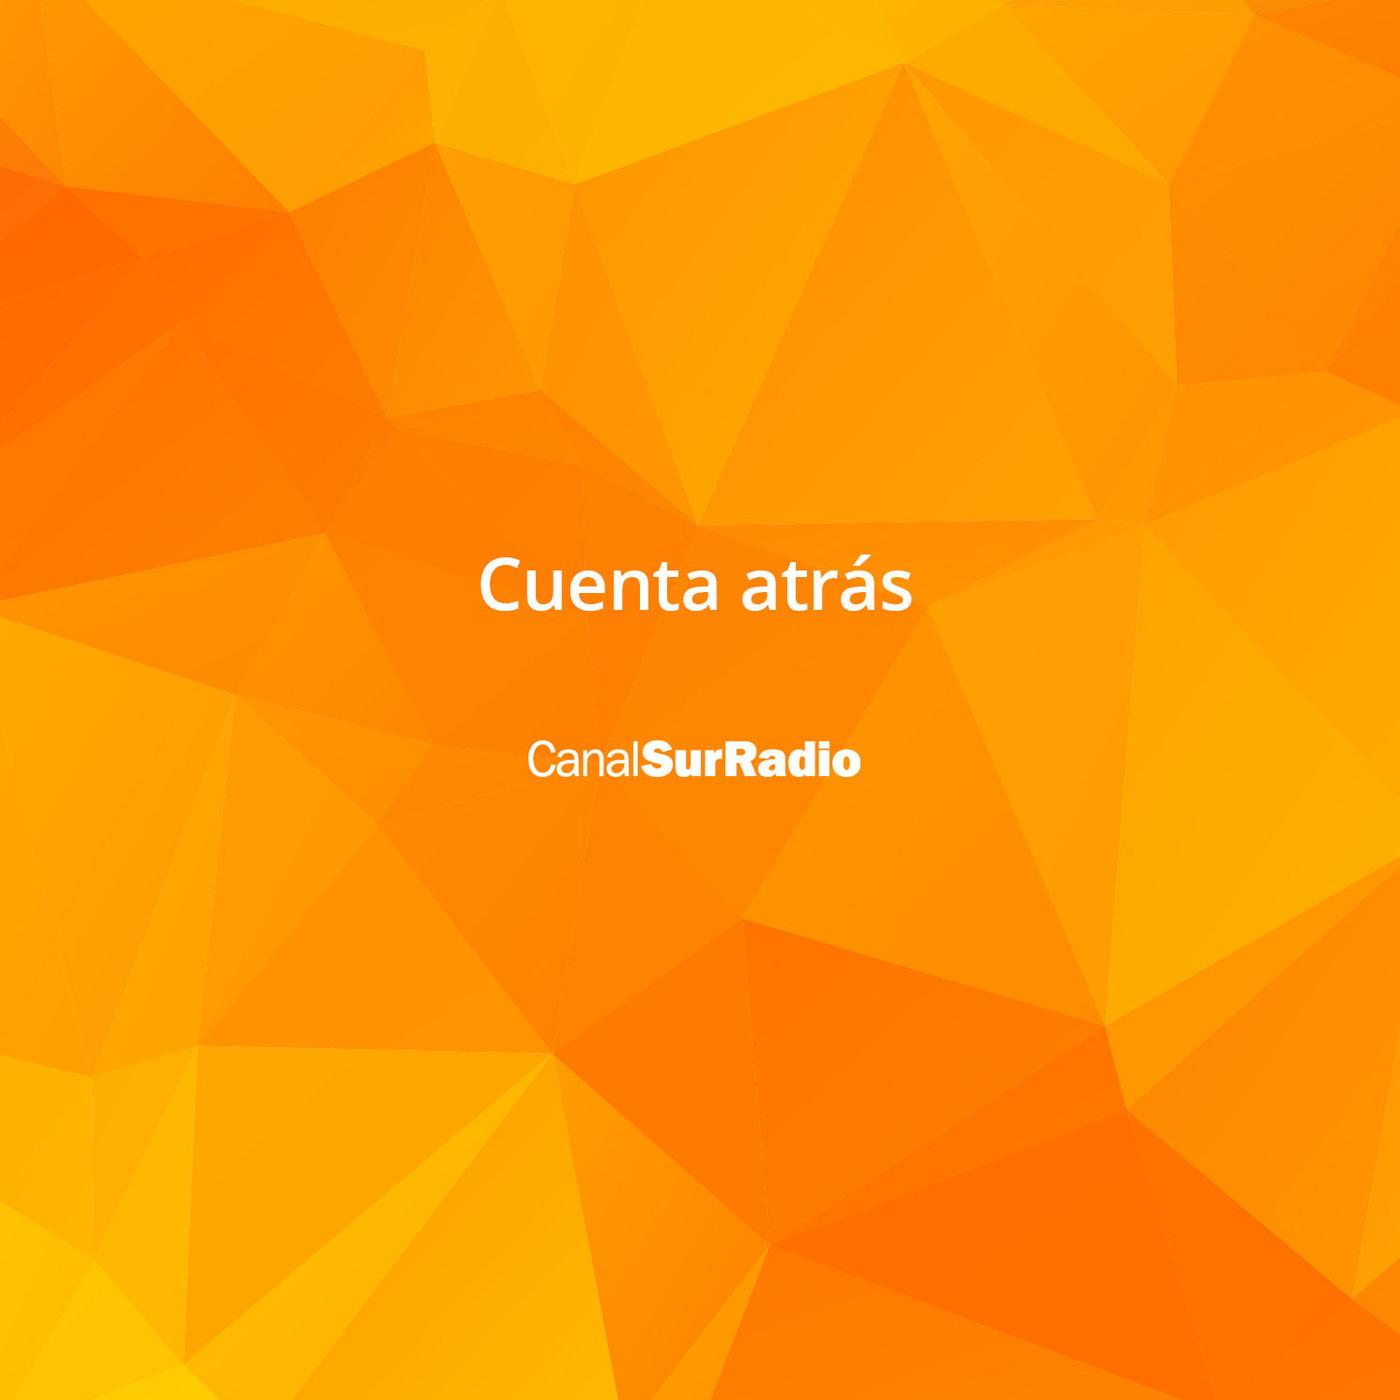 Llamada a Ana Mena & Rocco Hunt, números 1 en Canal Fiesta